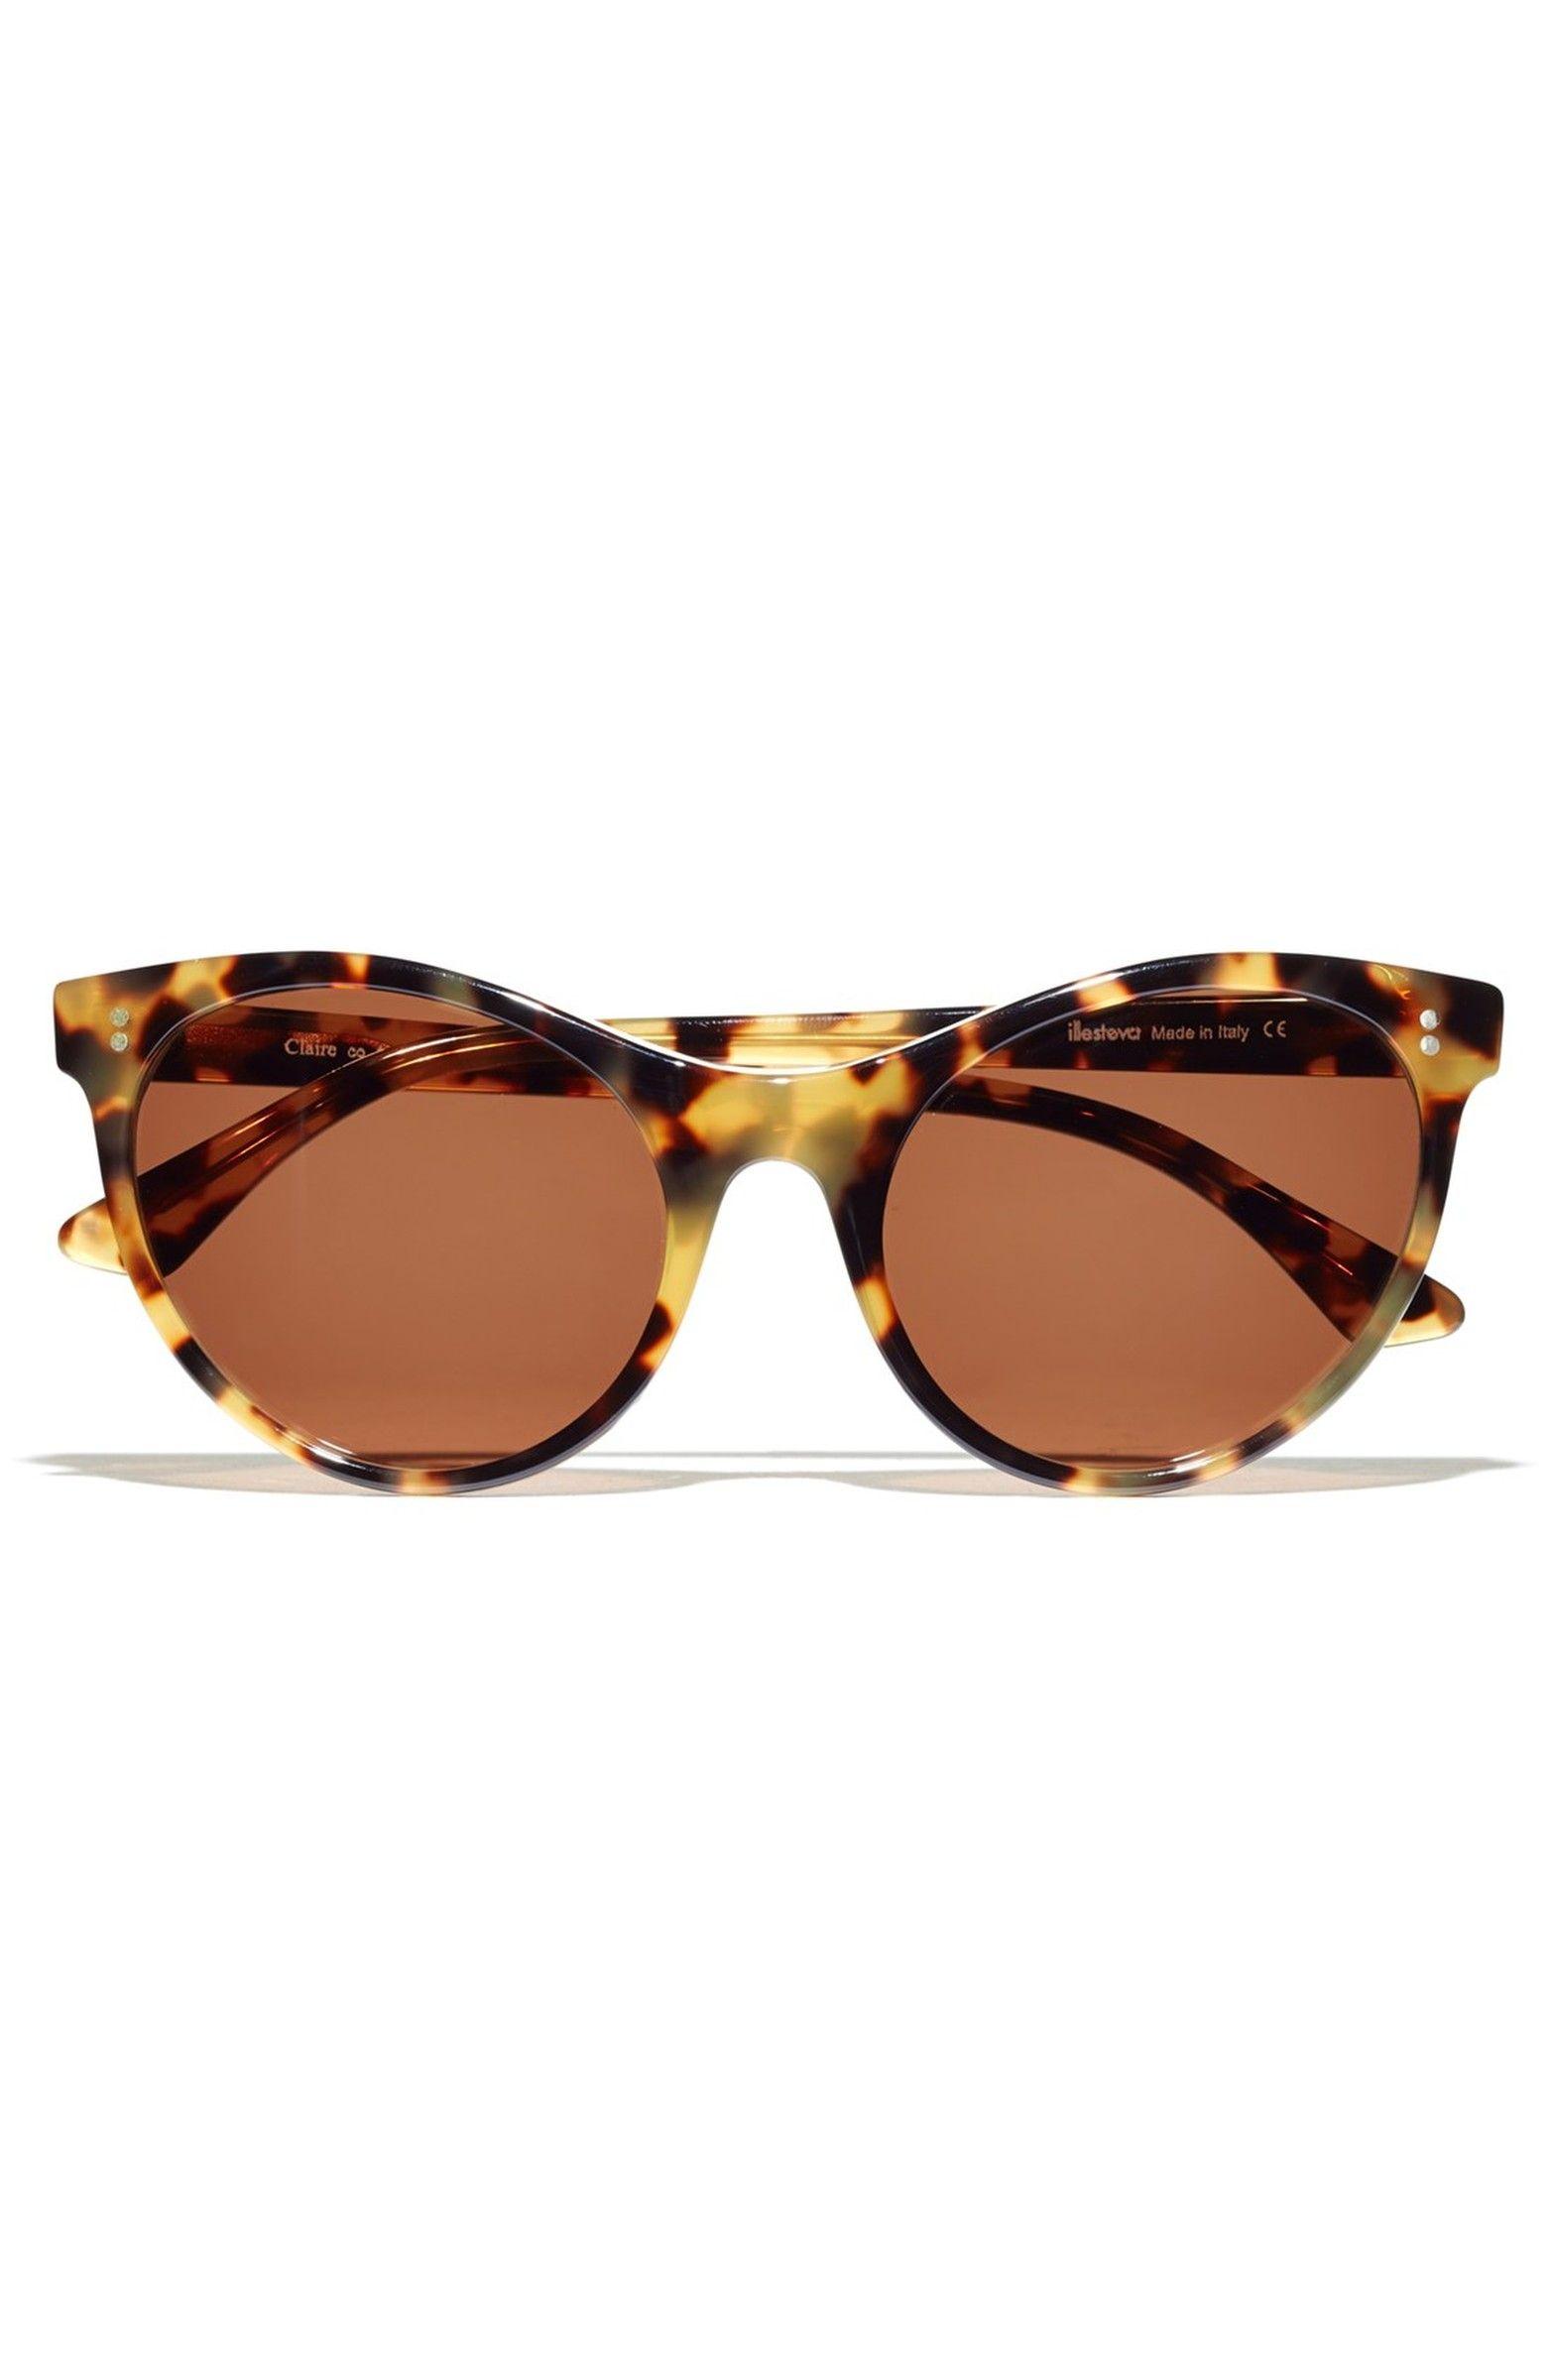 92bbc73f5c11 Main Image - Illesteva 'Claire' 50mm Sunglasses | I love fashion in ...